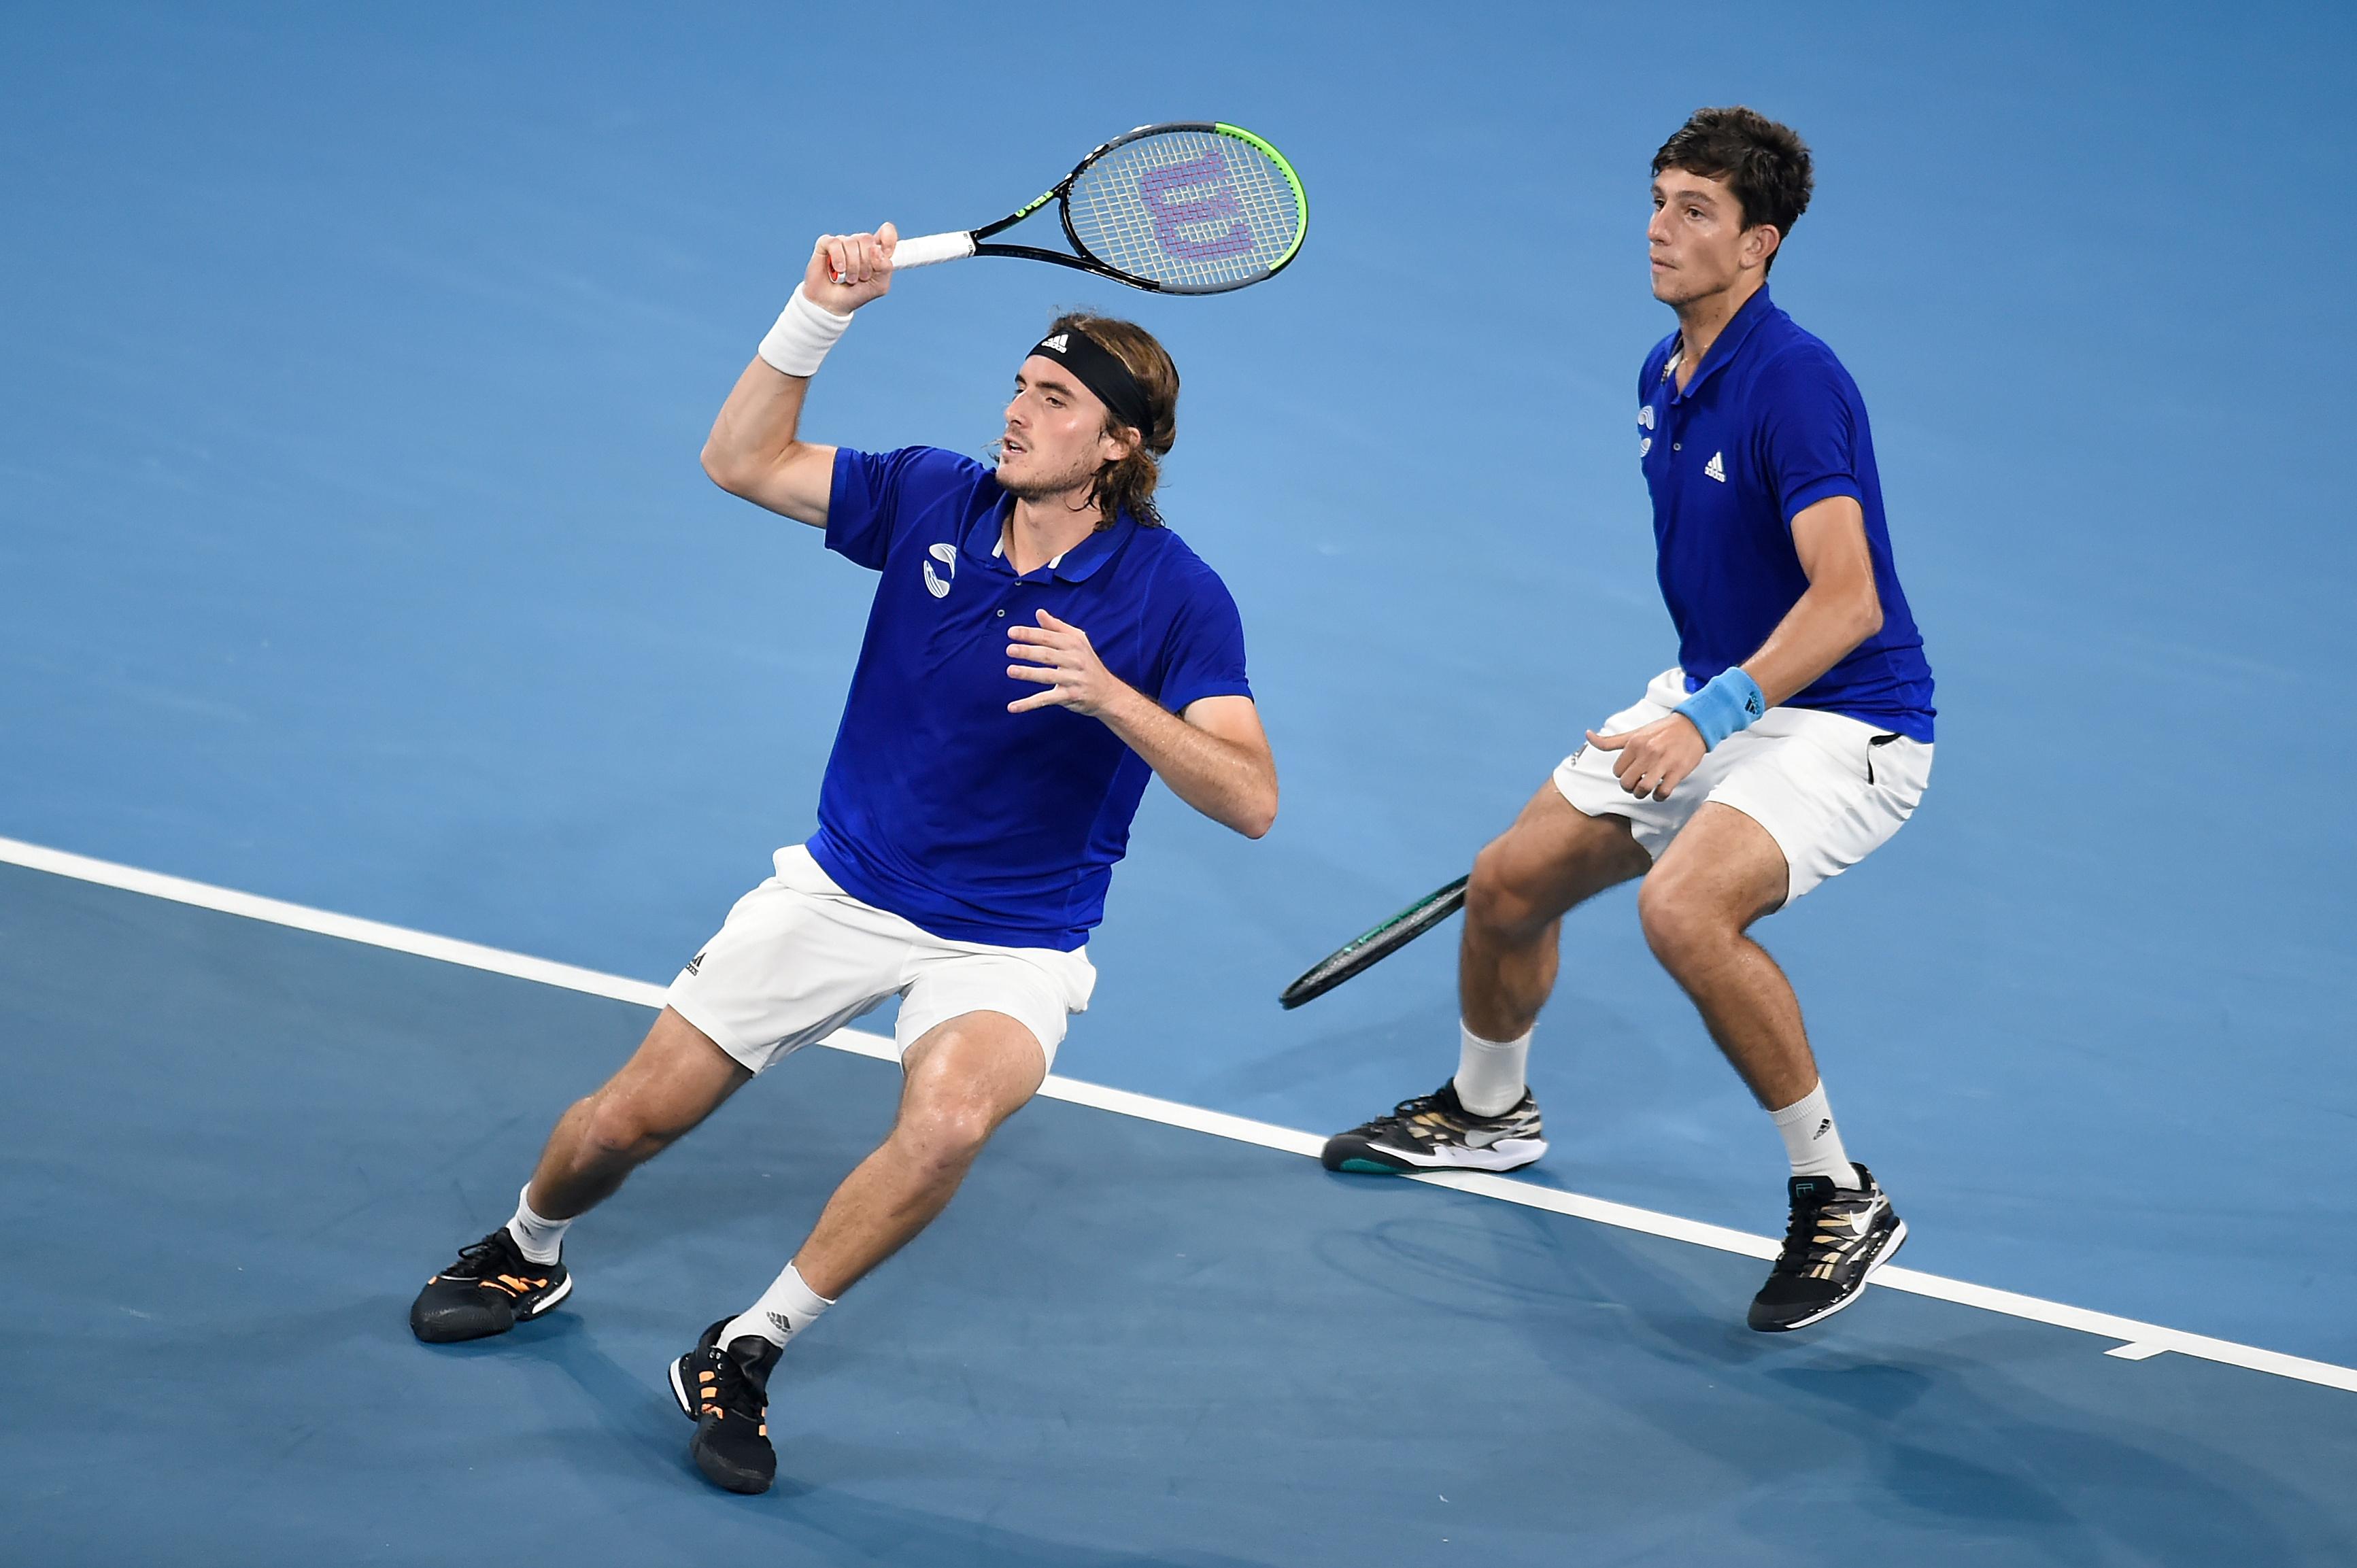 ATP Cup: Χωρίς Ναδάλ η Ισπανία – Κόντρα στον Αουγκούτ για την πρόκριση ο Τσιτσιπάς